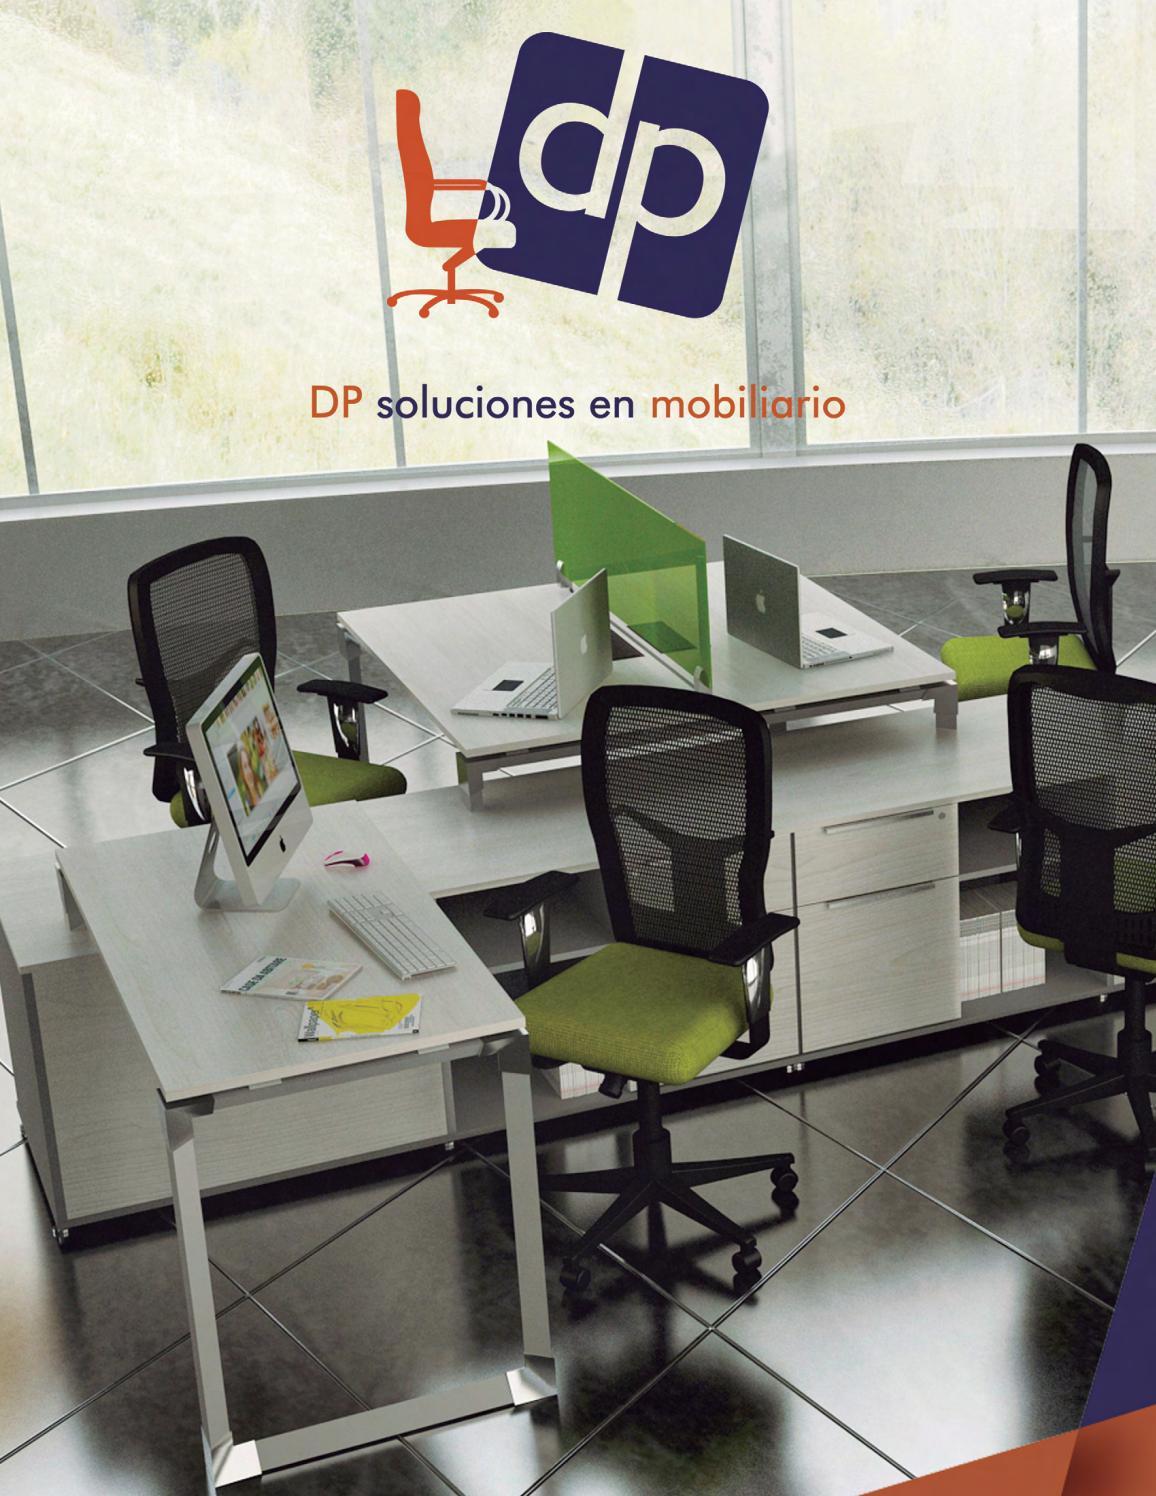 Dp catalogo mobiliario oficina by dp soluciones en for Catalogo mobiliario oficina